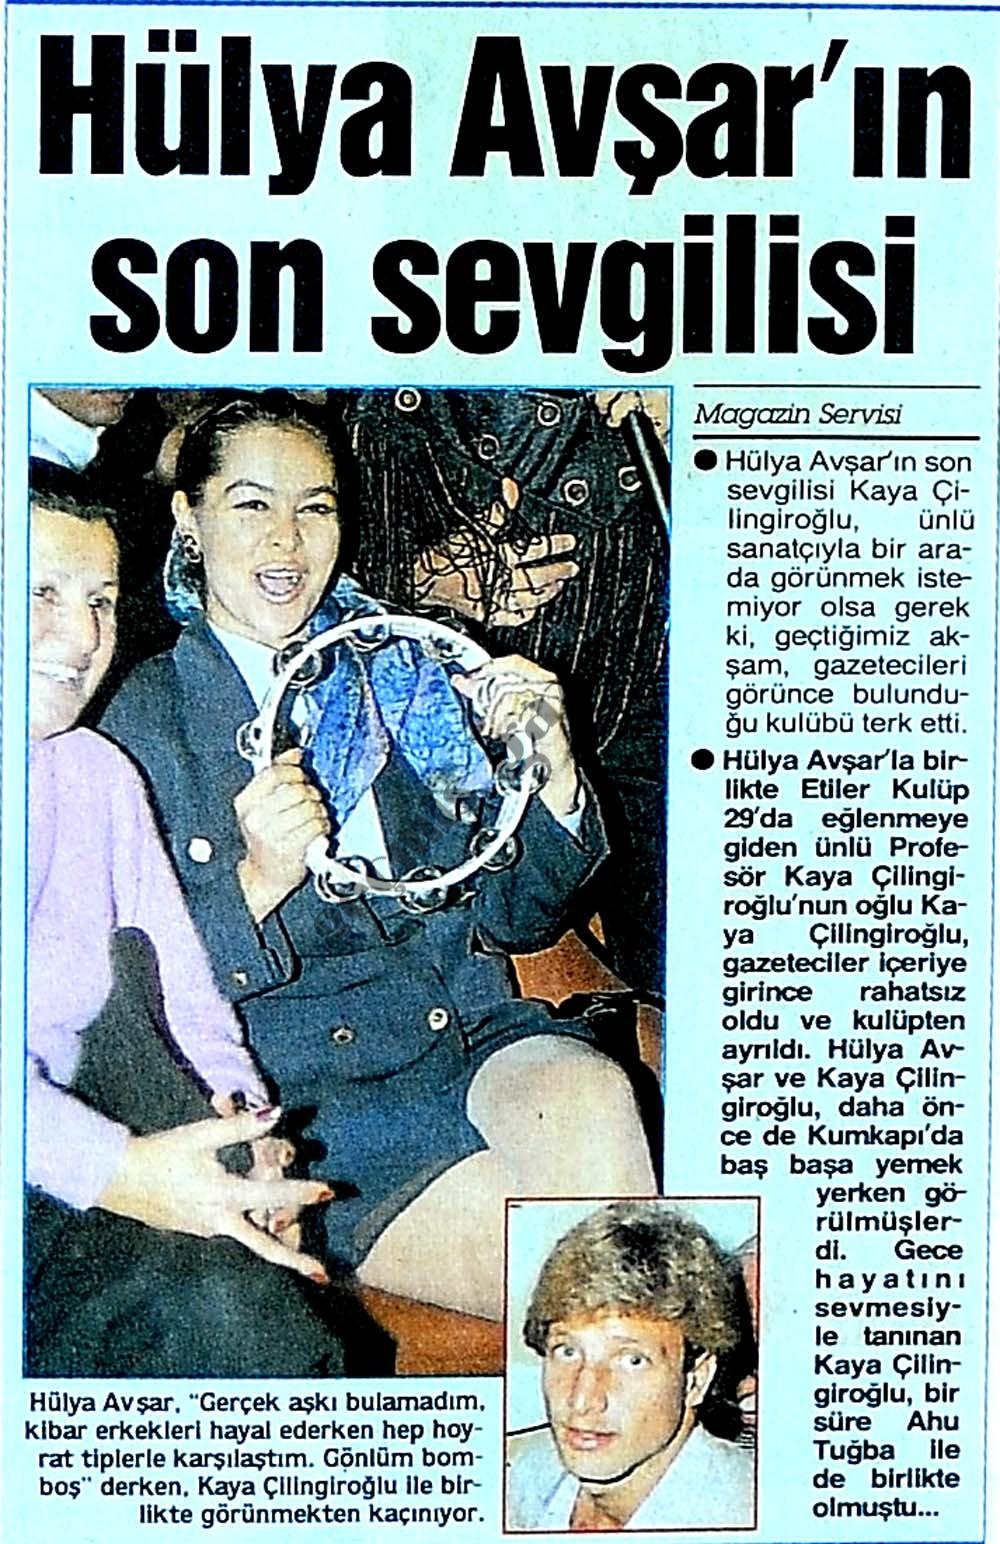 Hülya Avşar'ın son sevgilisi